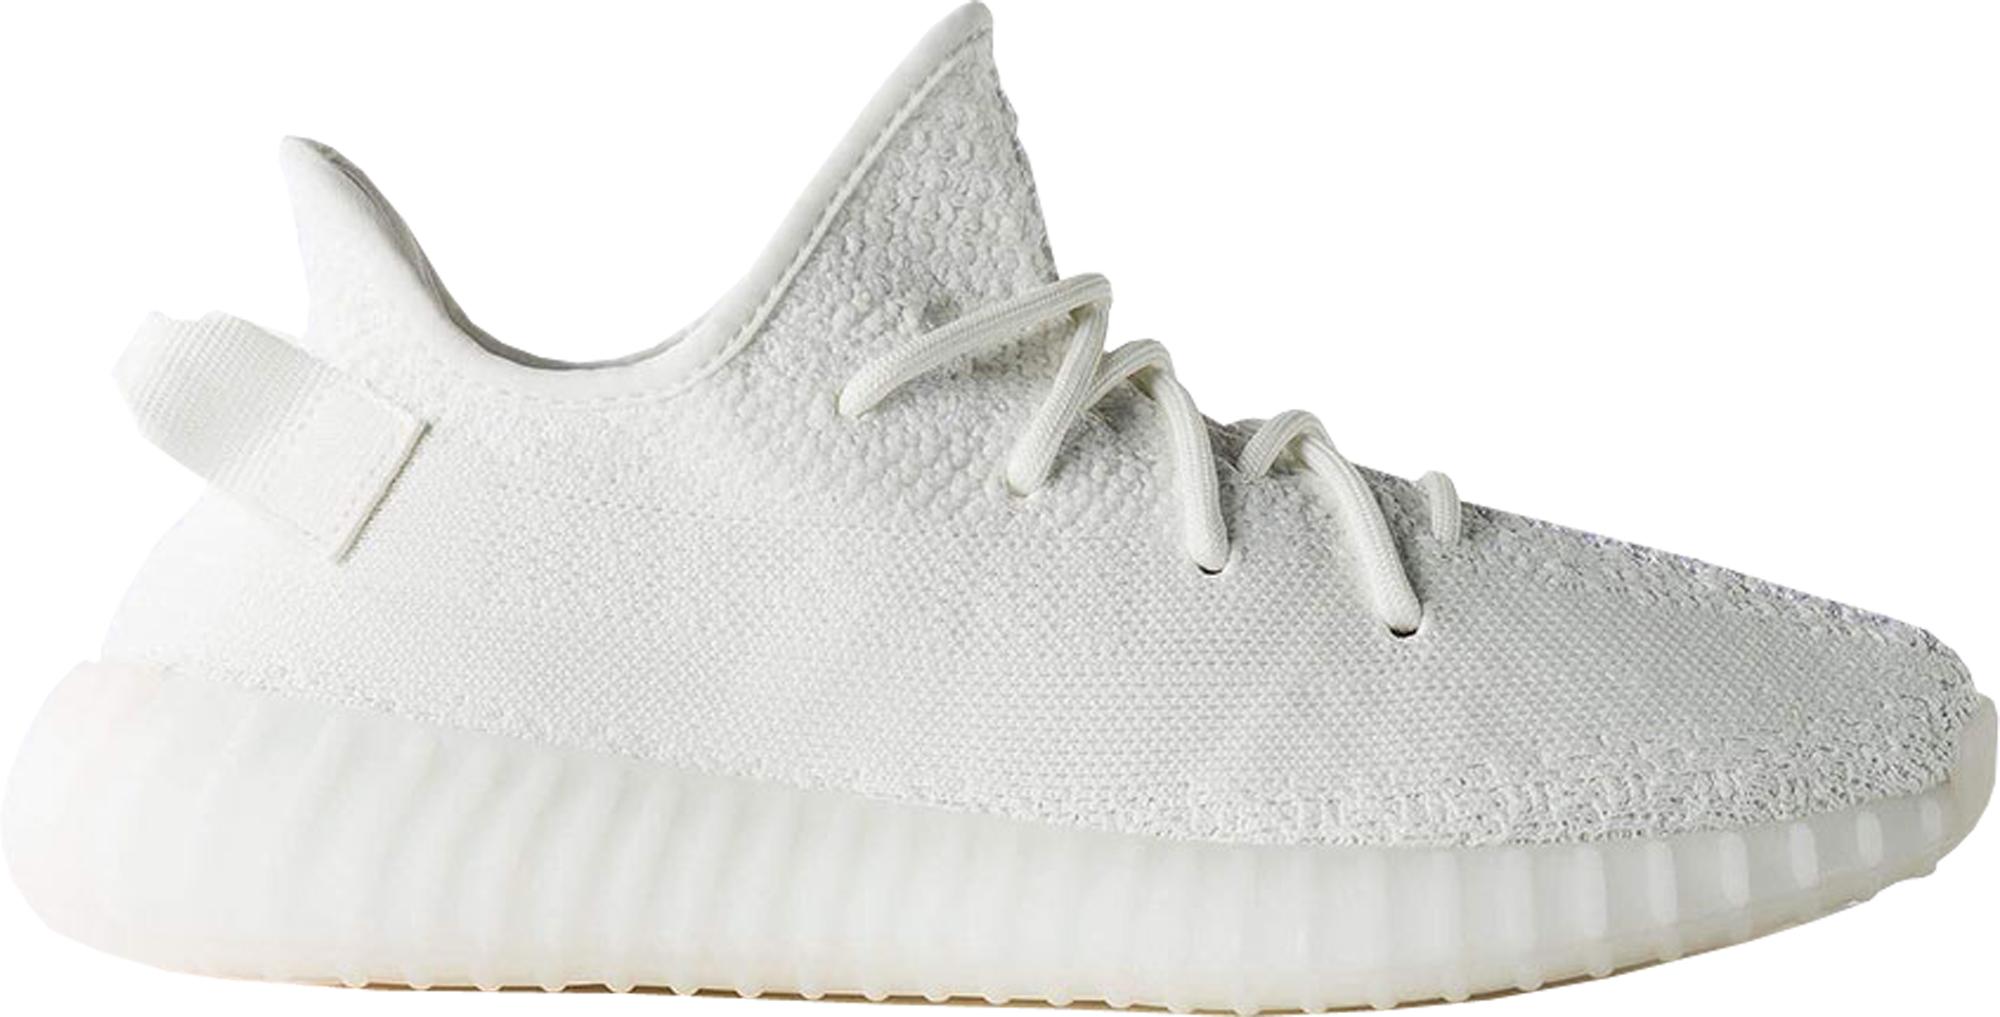 adidas Yeezy Boost 350 V2 Cream White Original Schuhe für